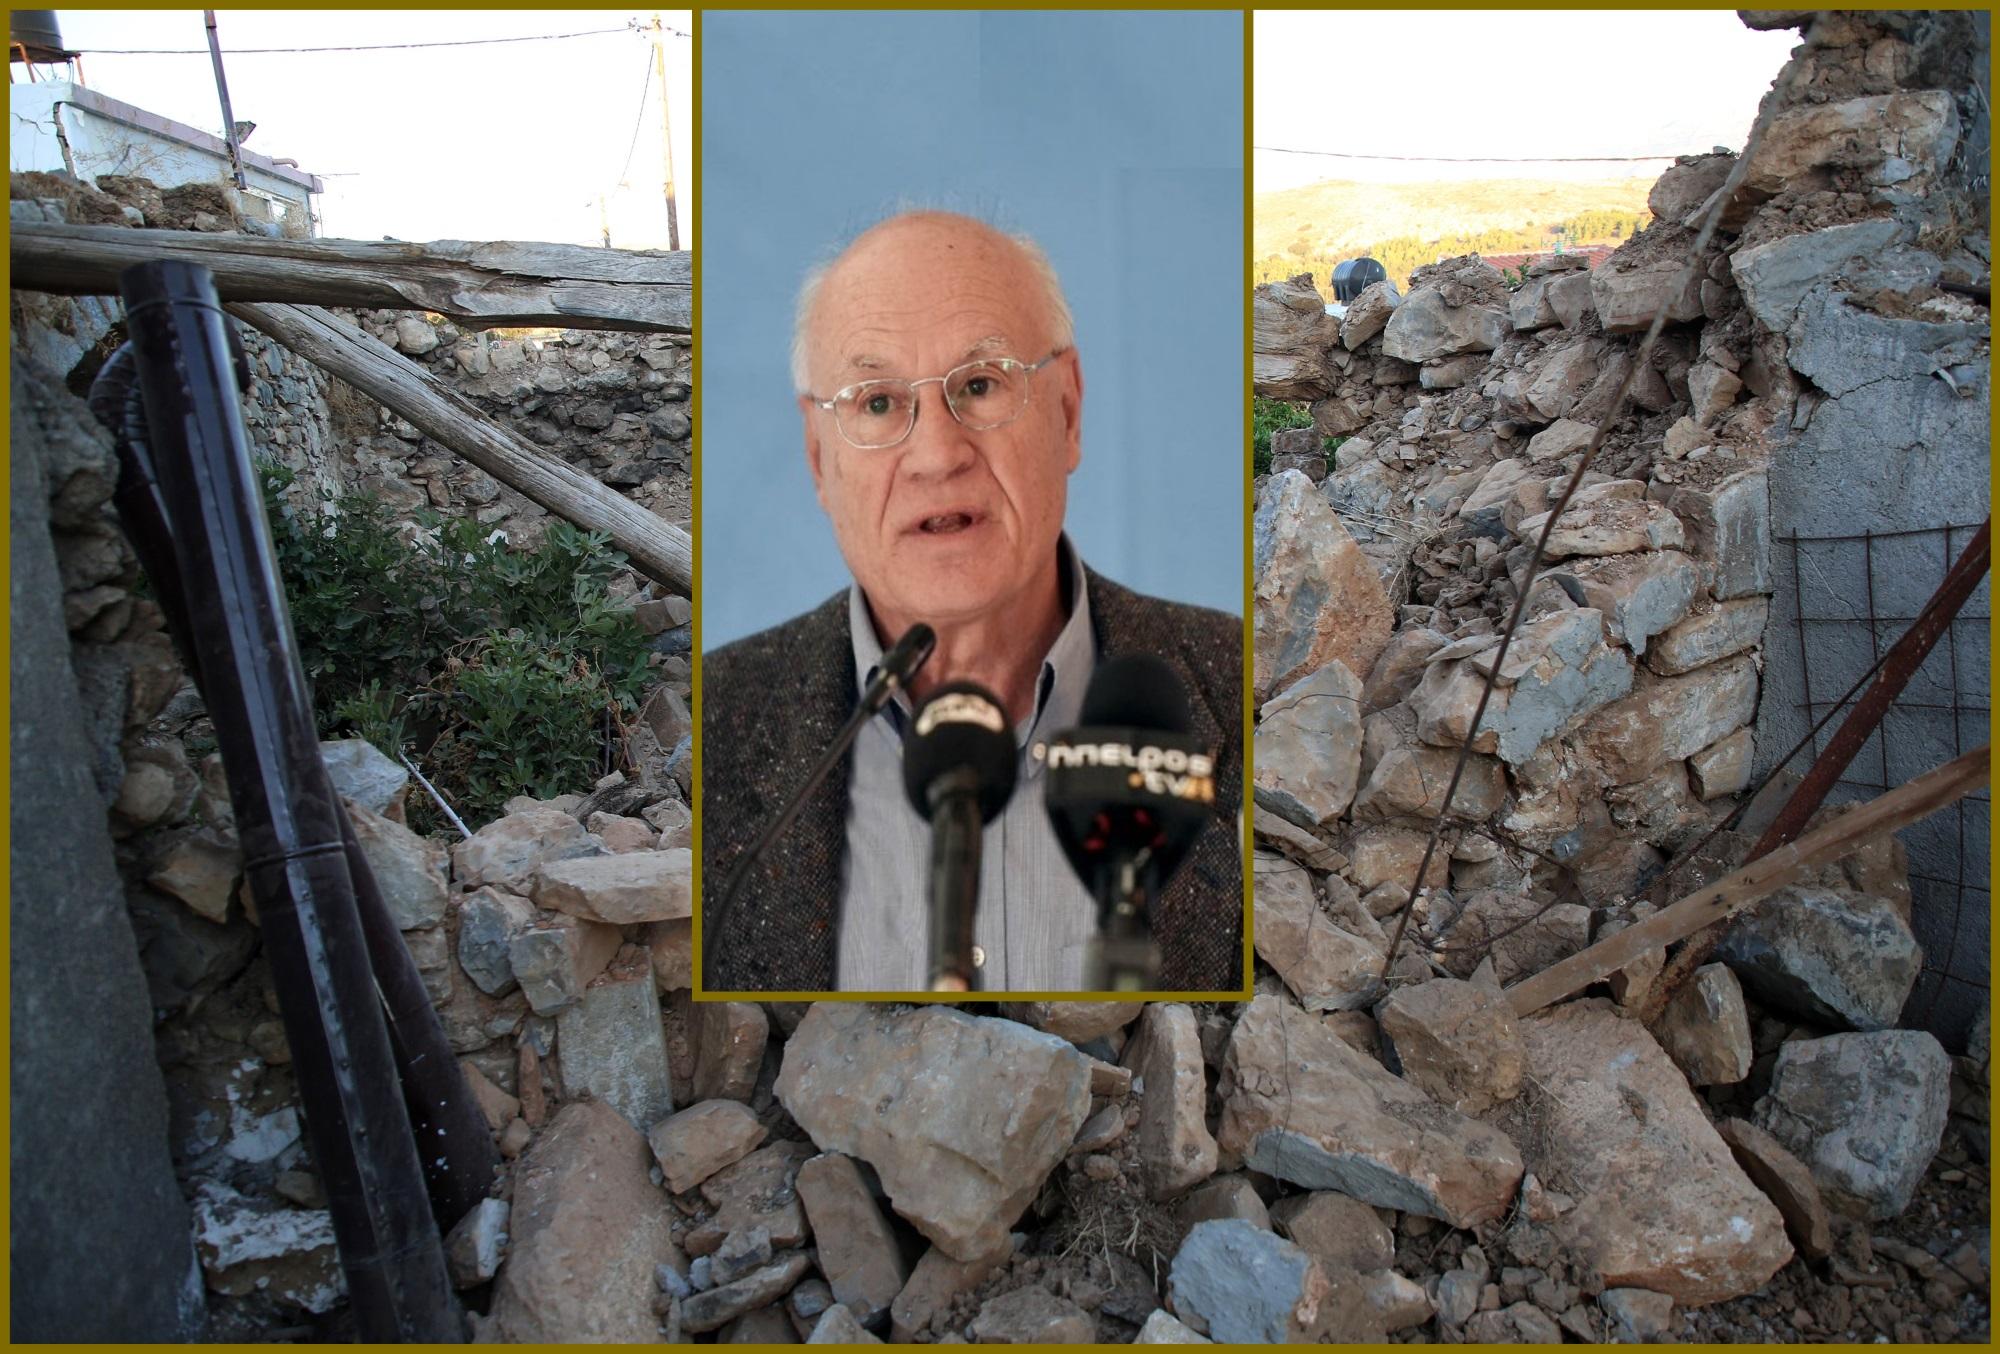 Σεισμός – Γεράσιμος Παπαδόπουλος: «Μετά την Κρήτη αλλάζει το τοπίο στη χώρα – Μας προβληματίζει η Θήβα»